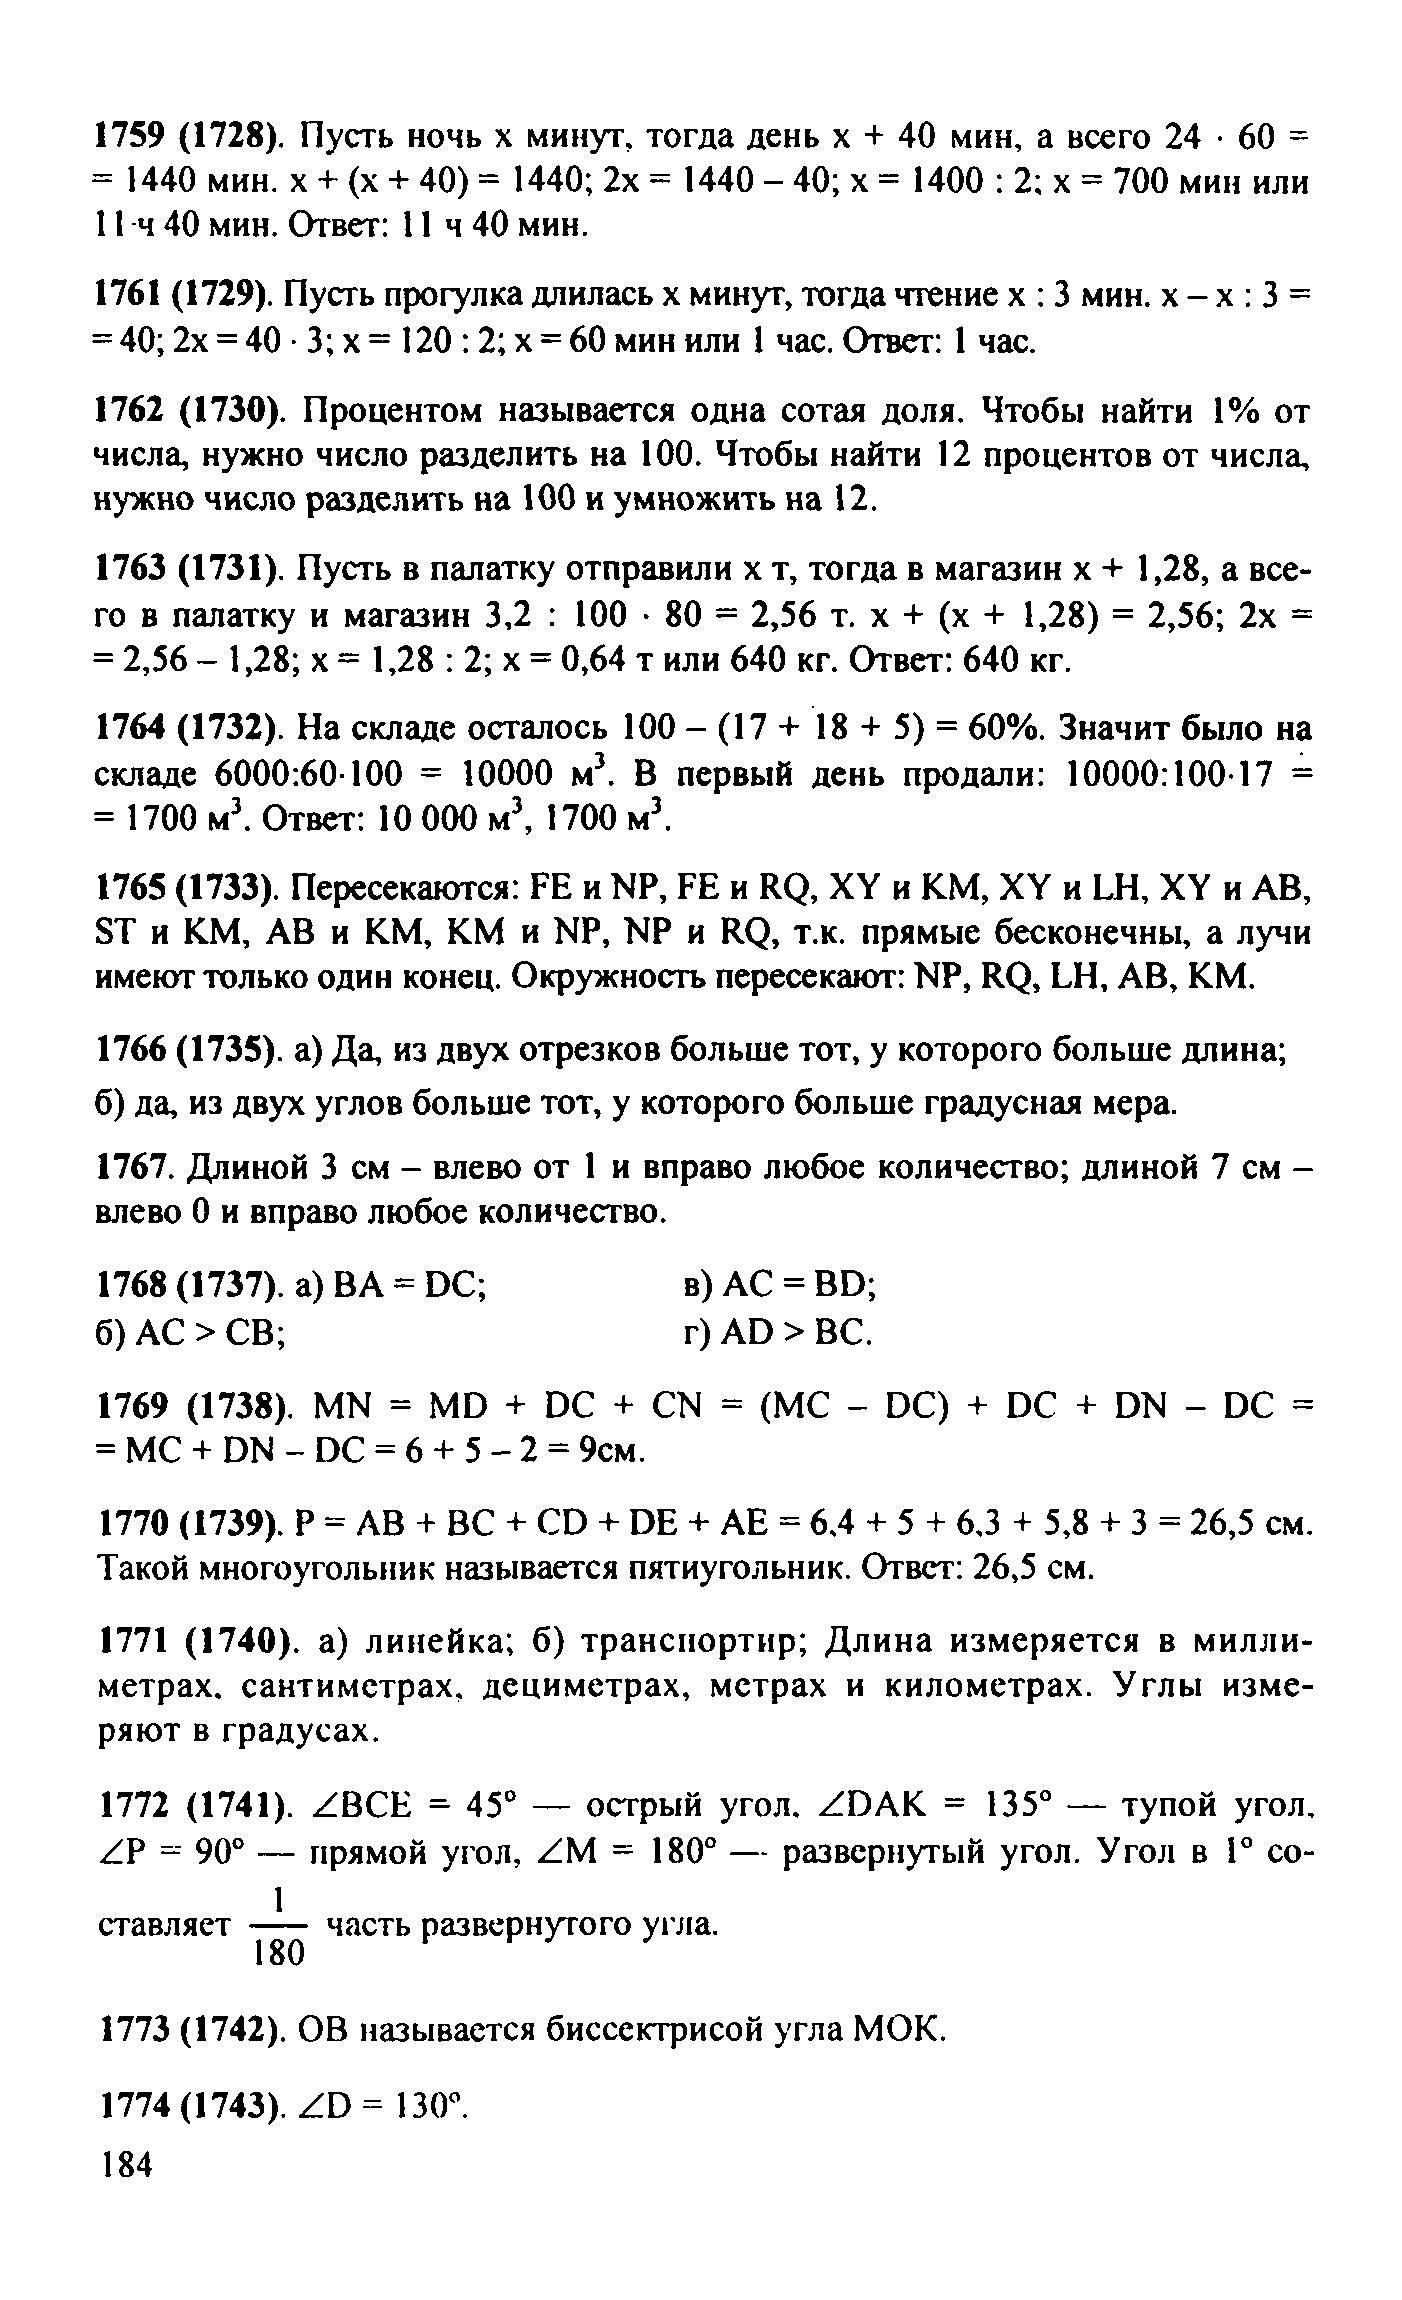 Гдз По Математике 5 Класс Виленкин Жохов Чесноков Шварцбурд 1 Часть Ответ